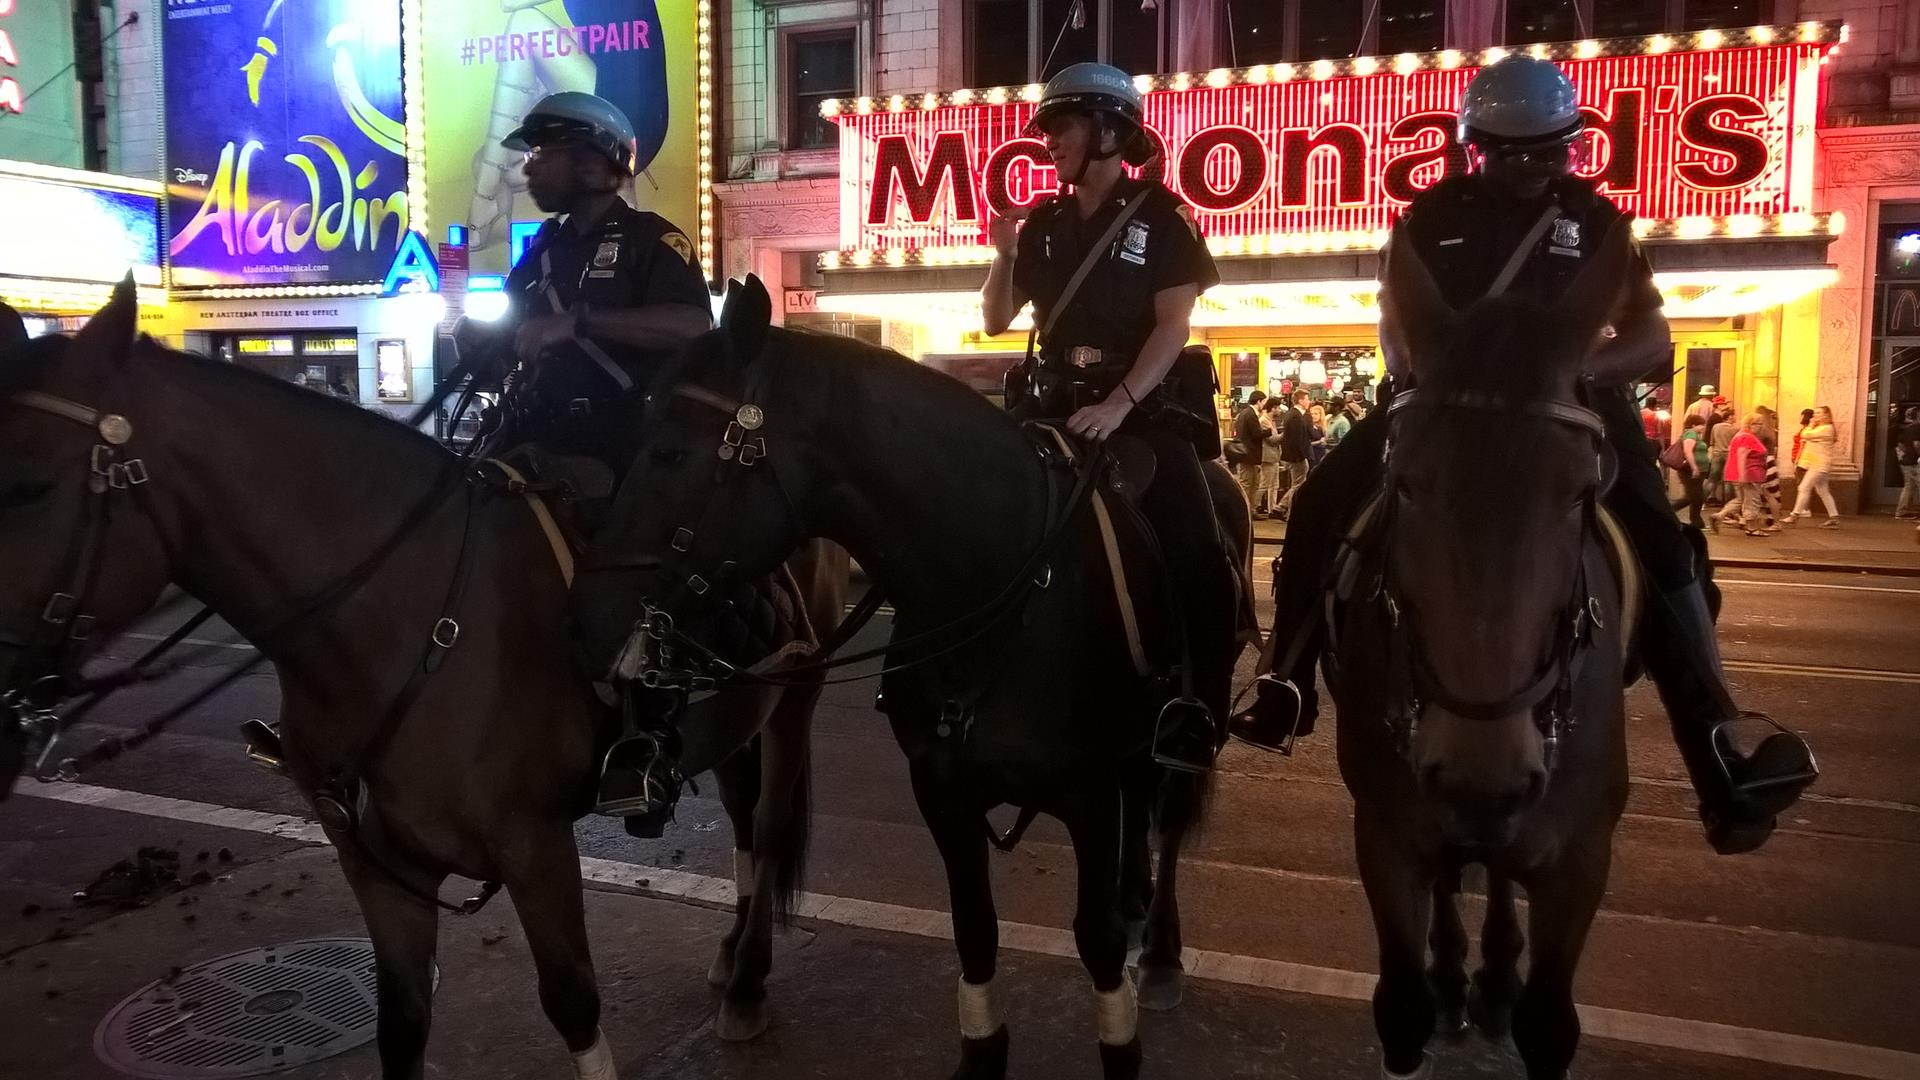 Cops and Horses